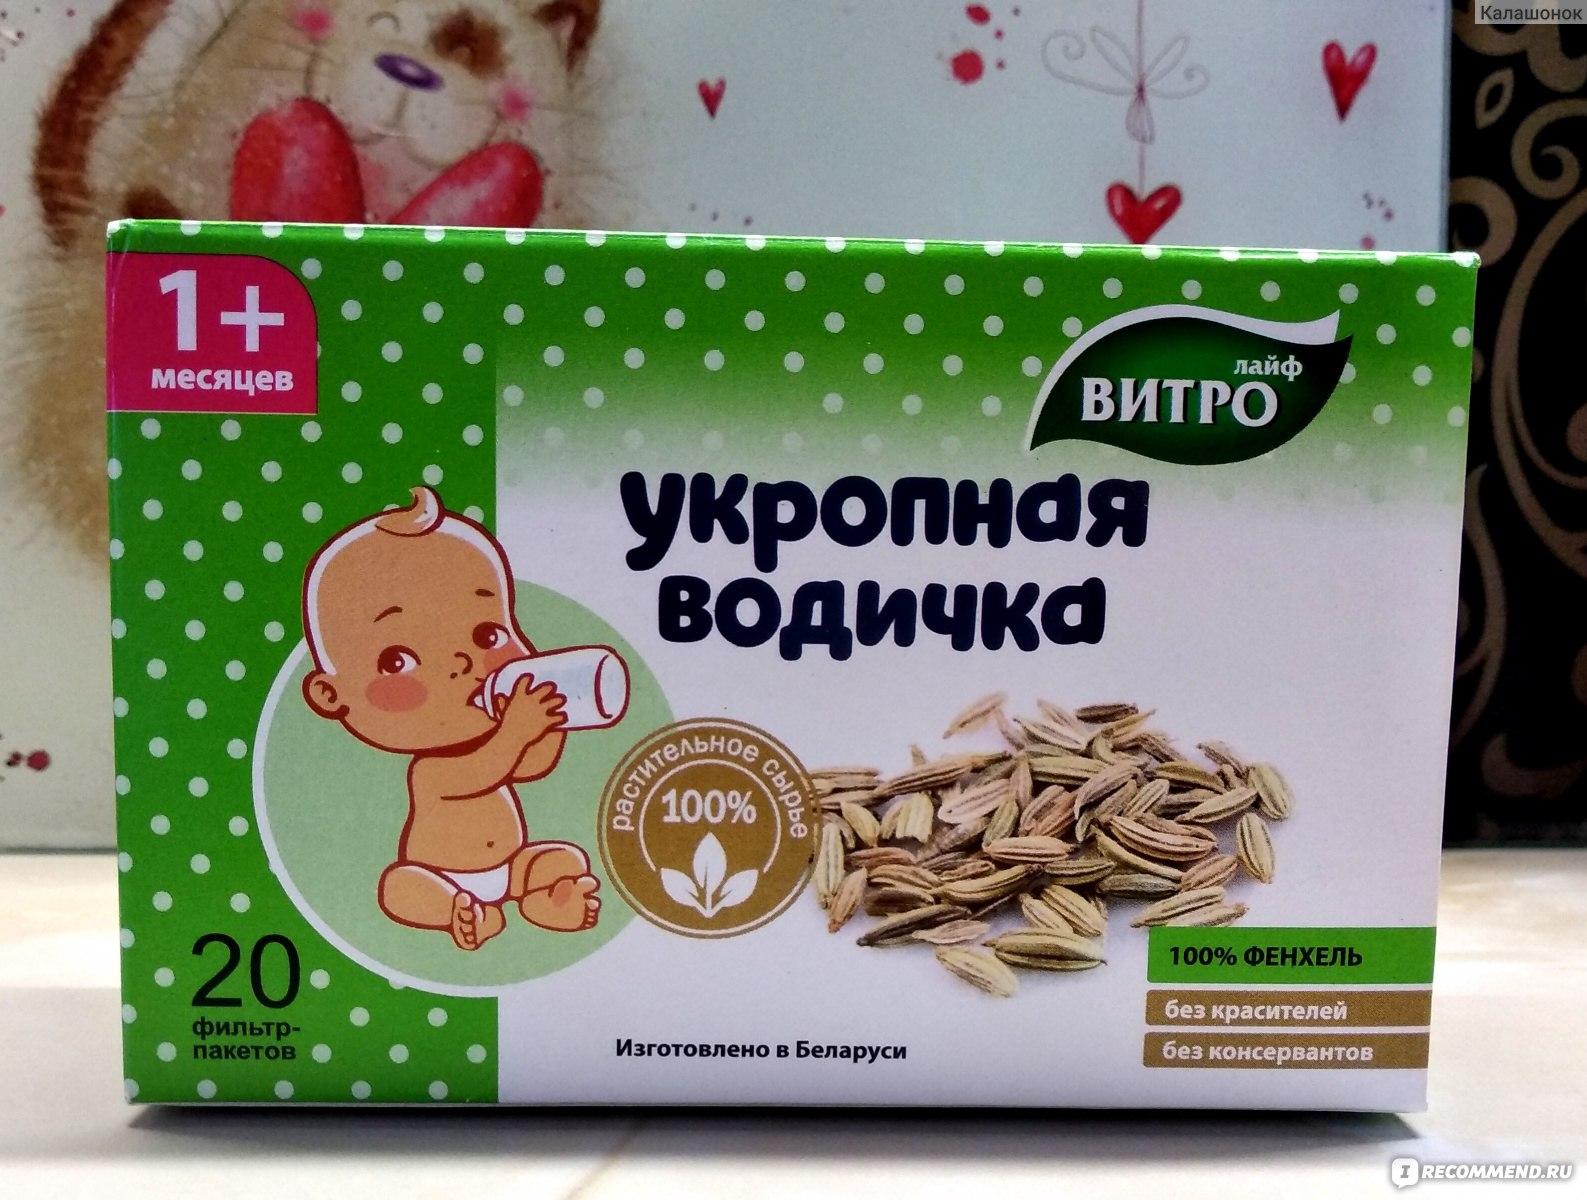 Укропная вода для кормящей мамы дозировка - ребенок